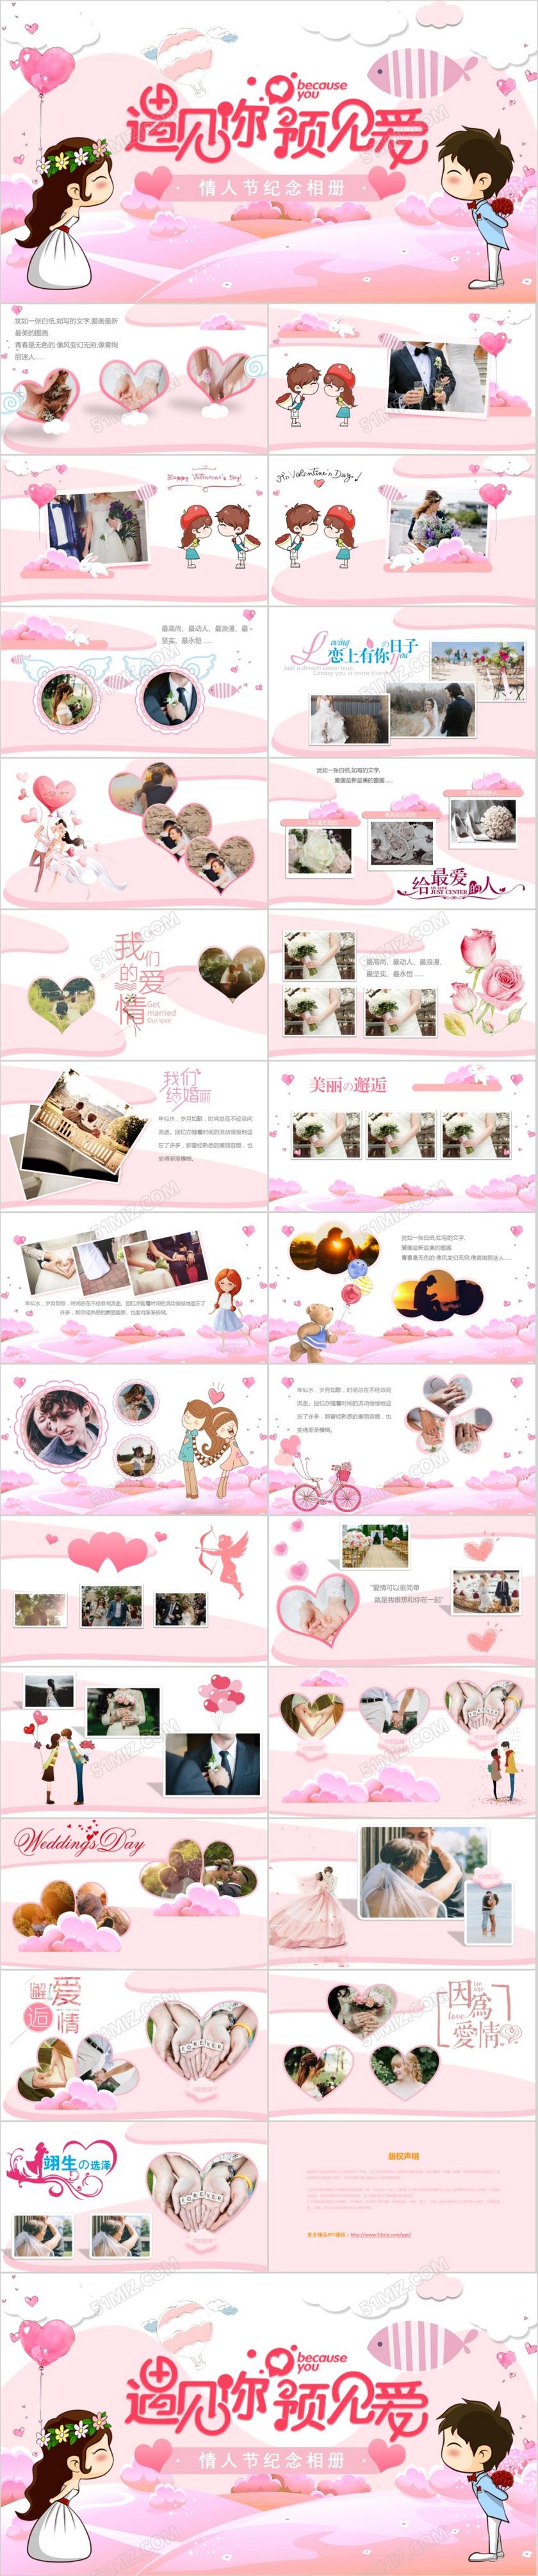 粉色温馨浪漫520表白唯美情人节爱情纪念相册PPT模板